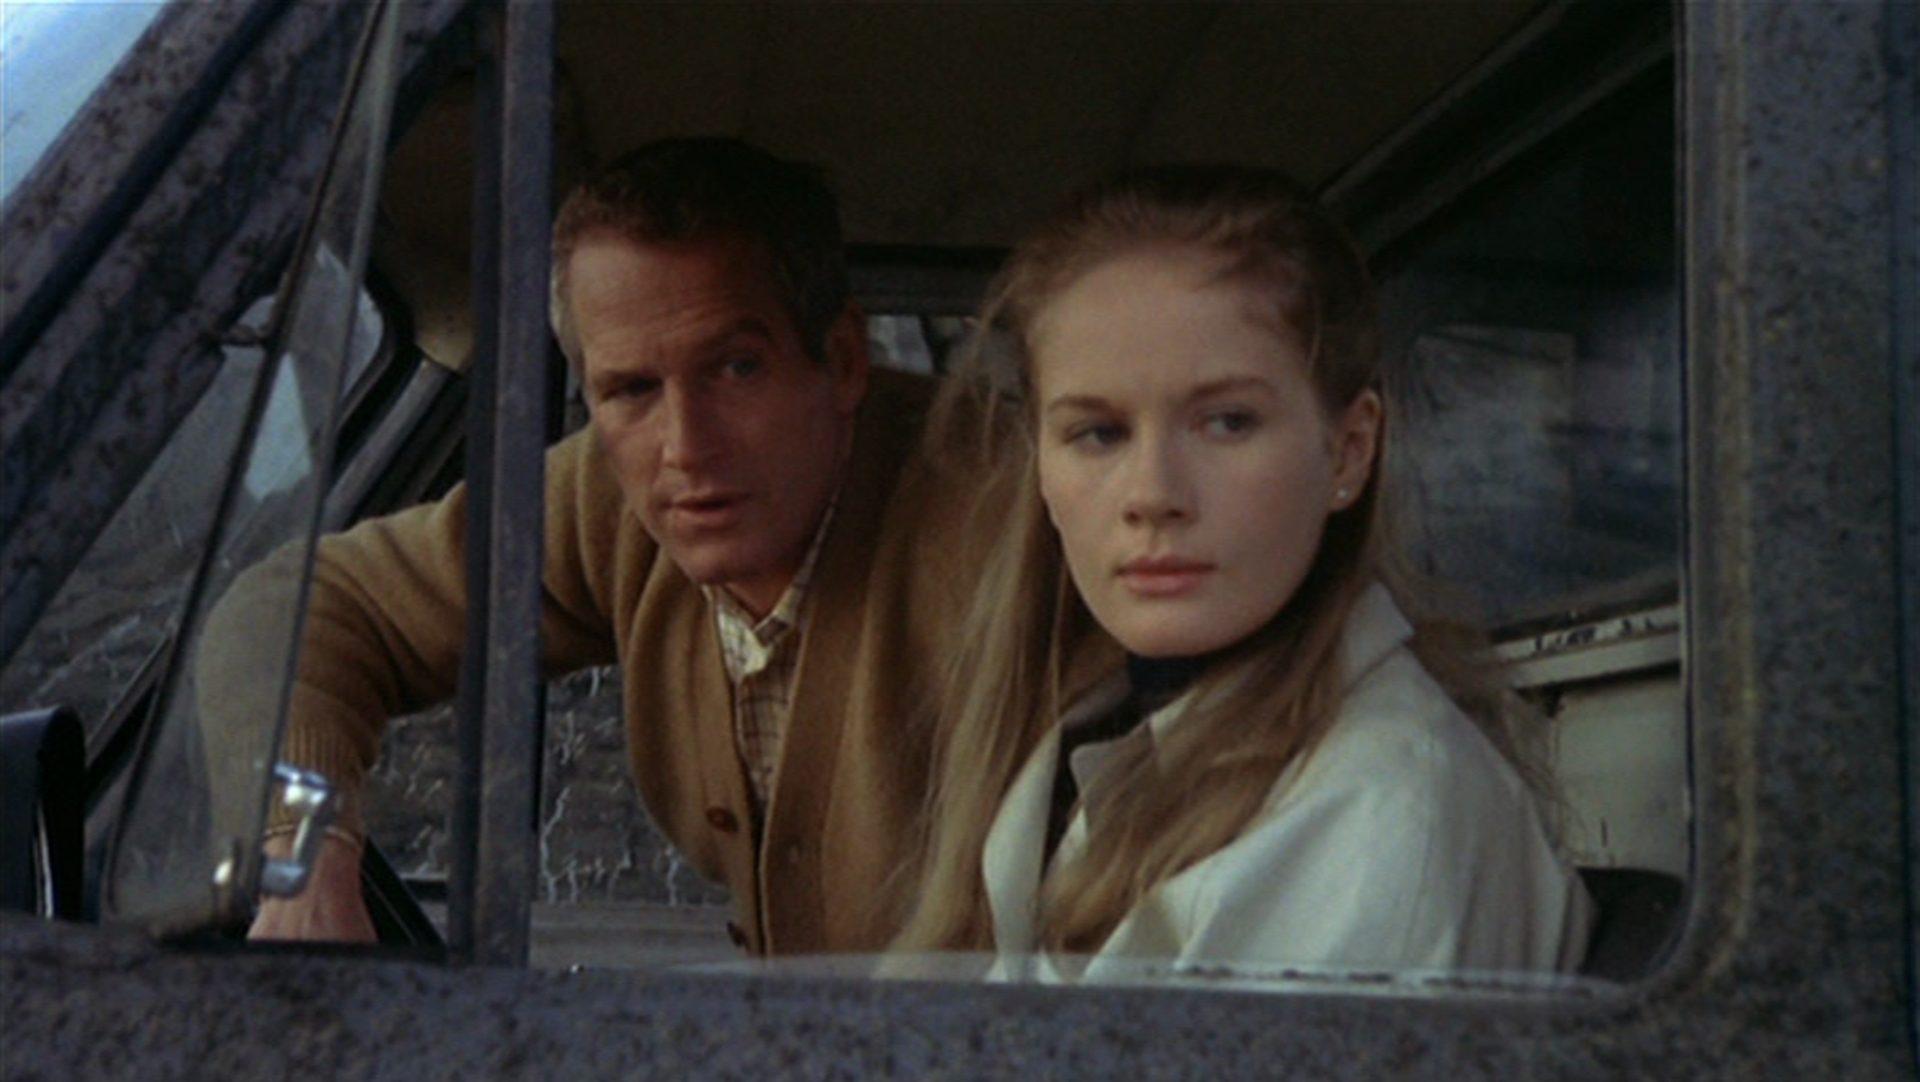 Nahaufnahme von Paul Newman und Dominique Sanda als Reardon und Smith beim Blick aus einem geöffneten Fahrzeugfenster.